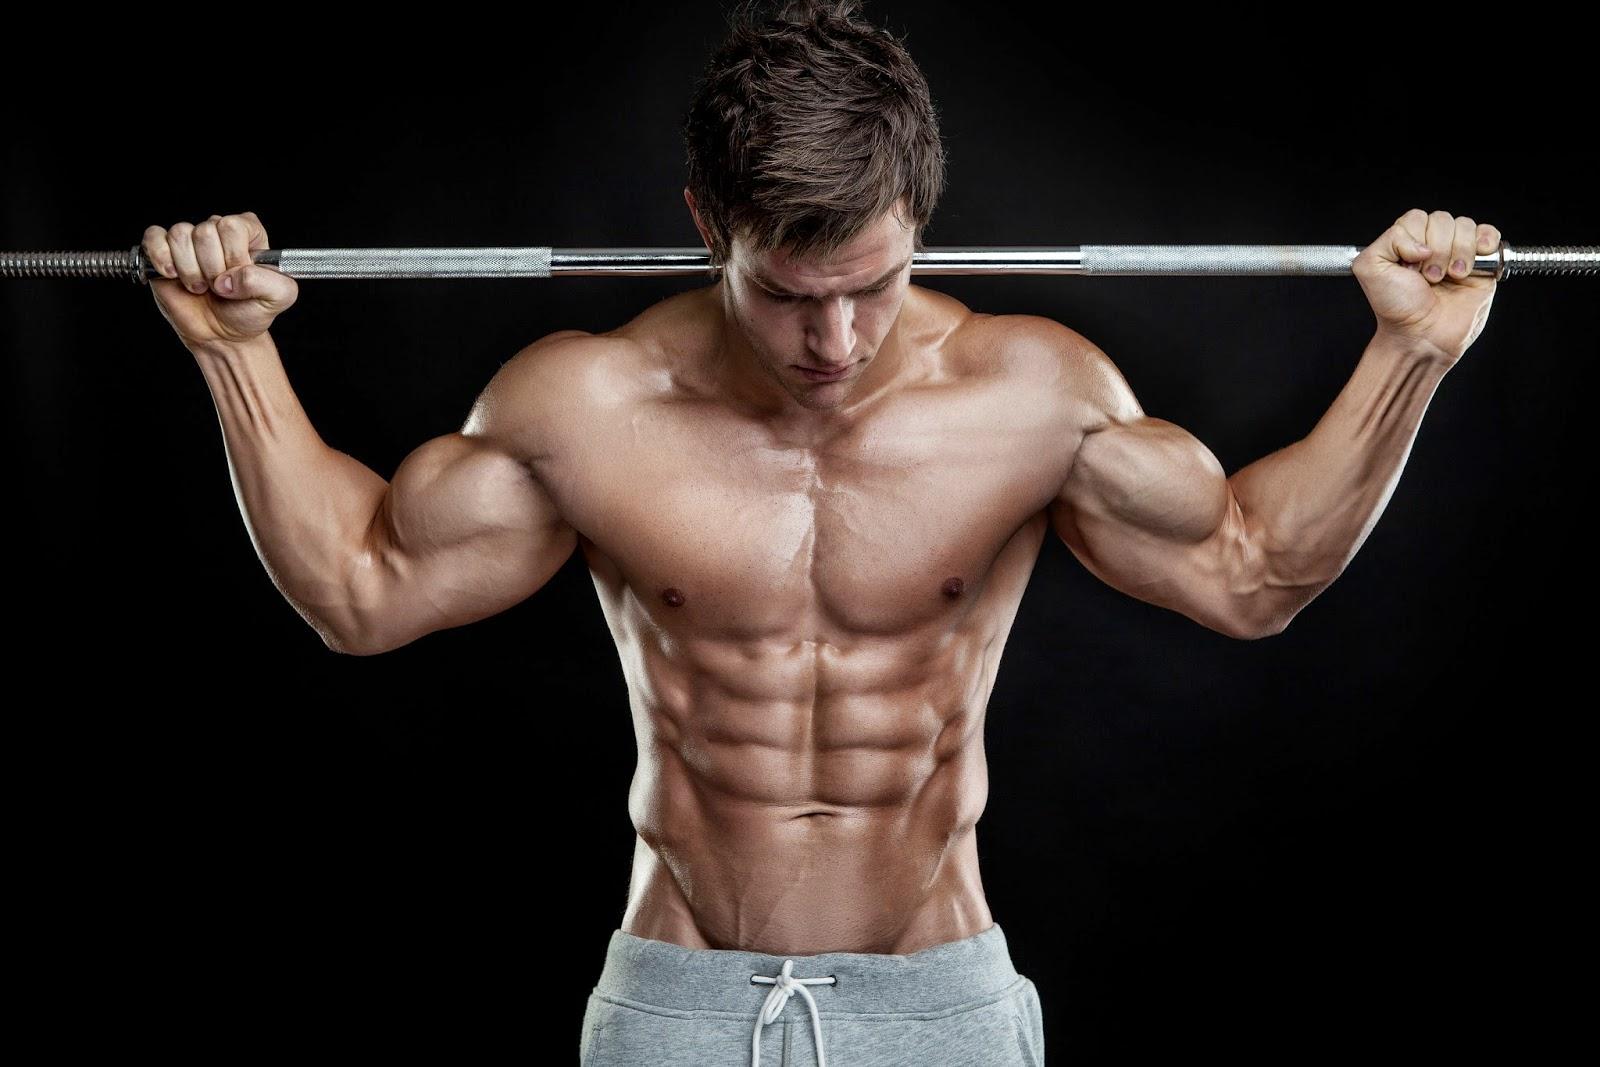 بالصور جسم الرجل , اجسام رجال رياضيه جدا 3394 4